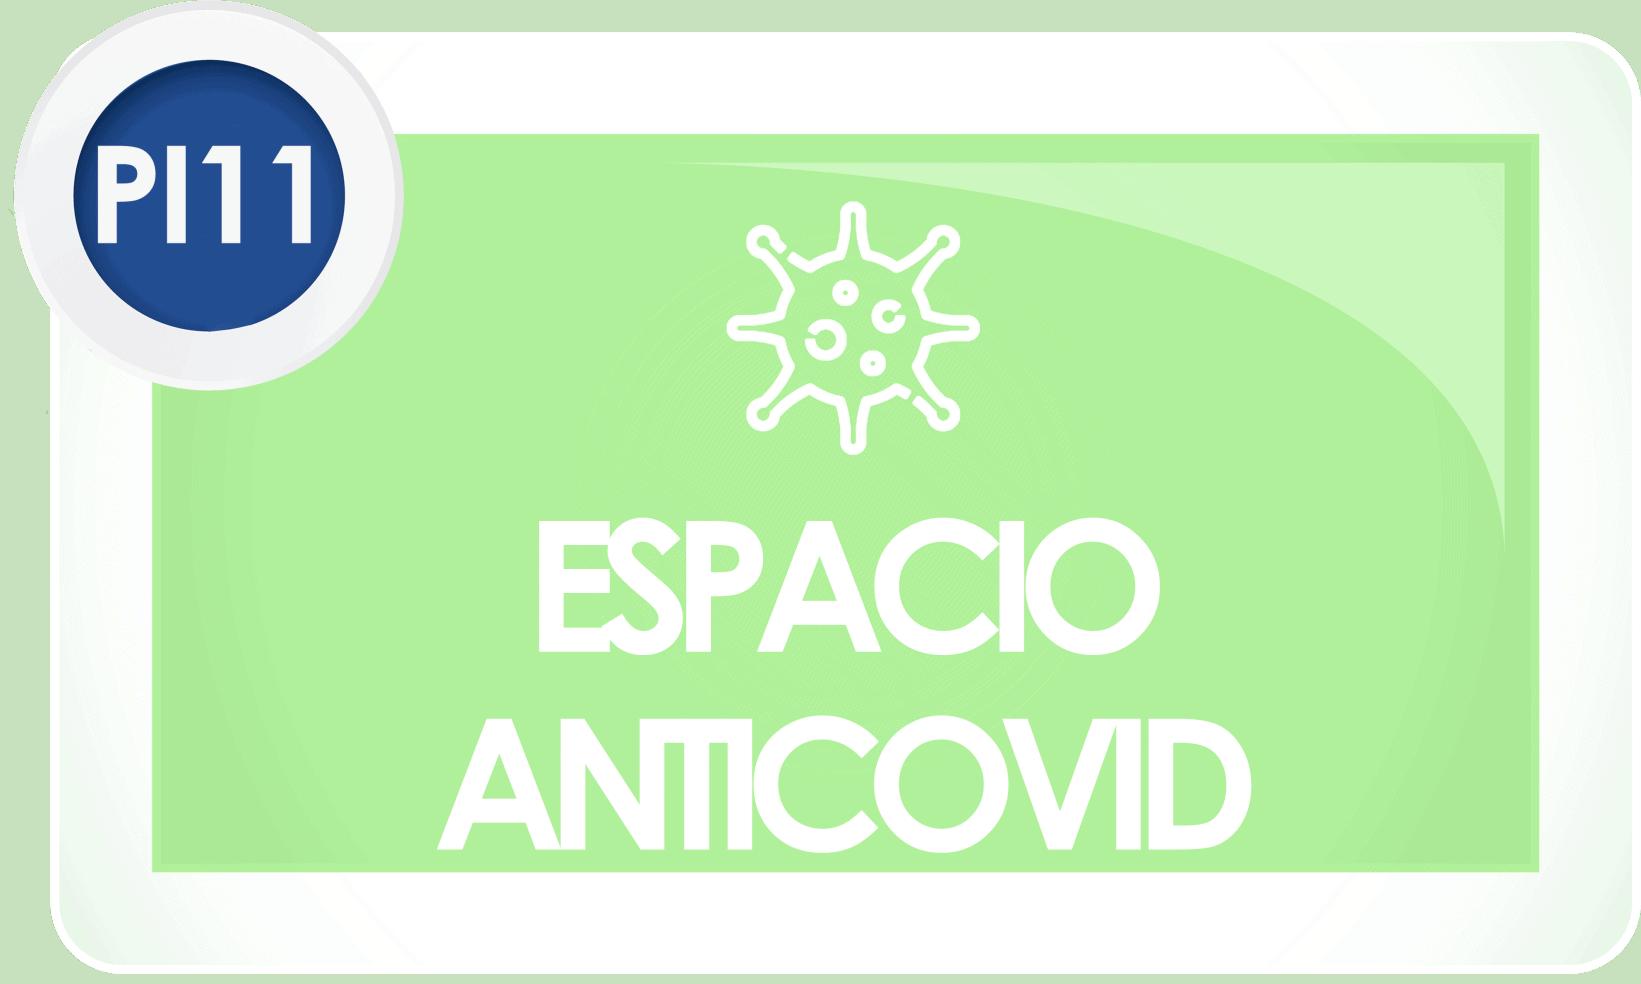 espacio anti covid